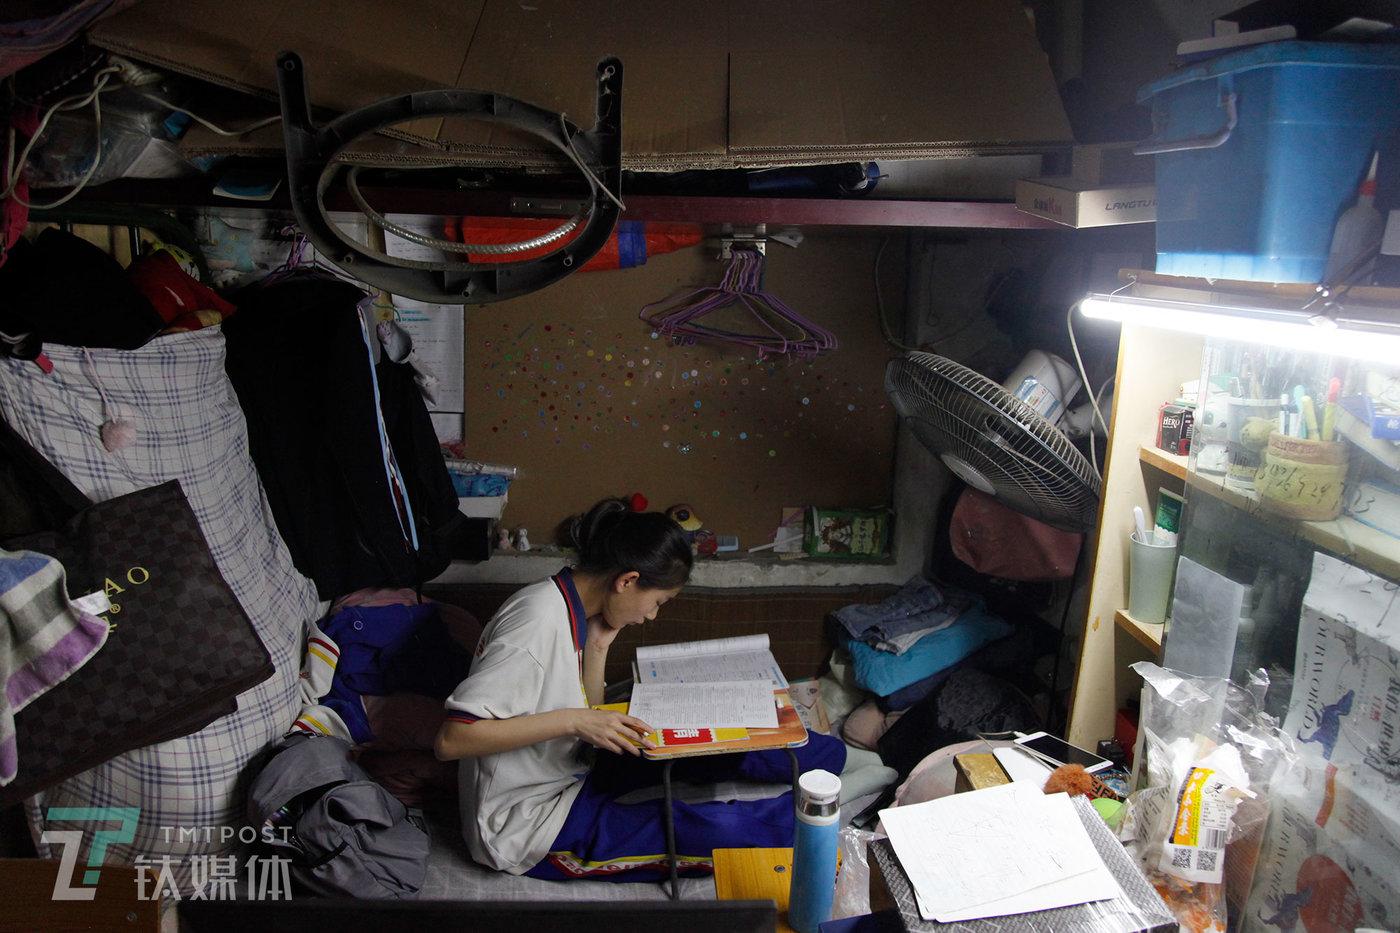 2019年5月17日,北京是丰台区大红门,14岁女孩曾祺在家做作业。